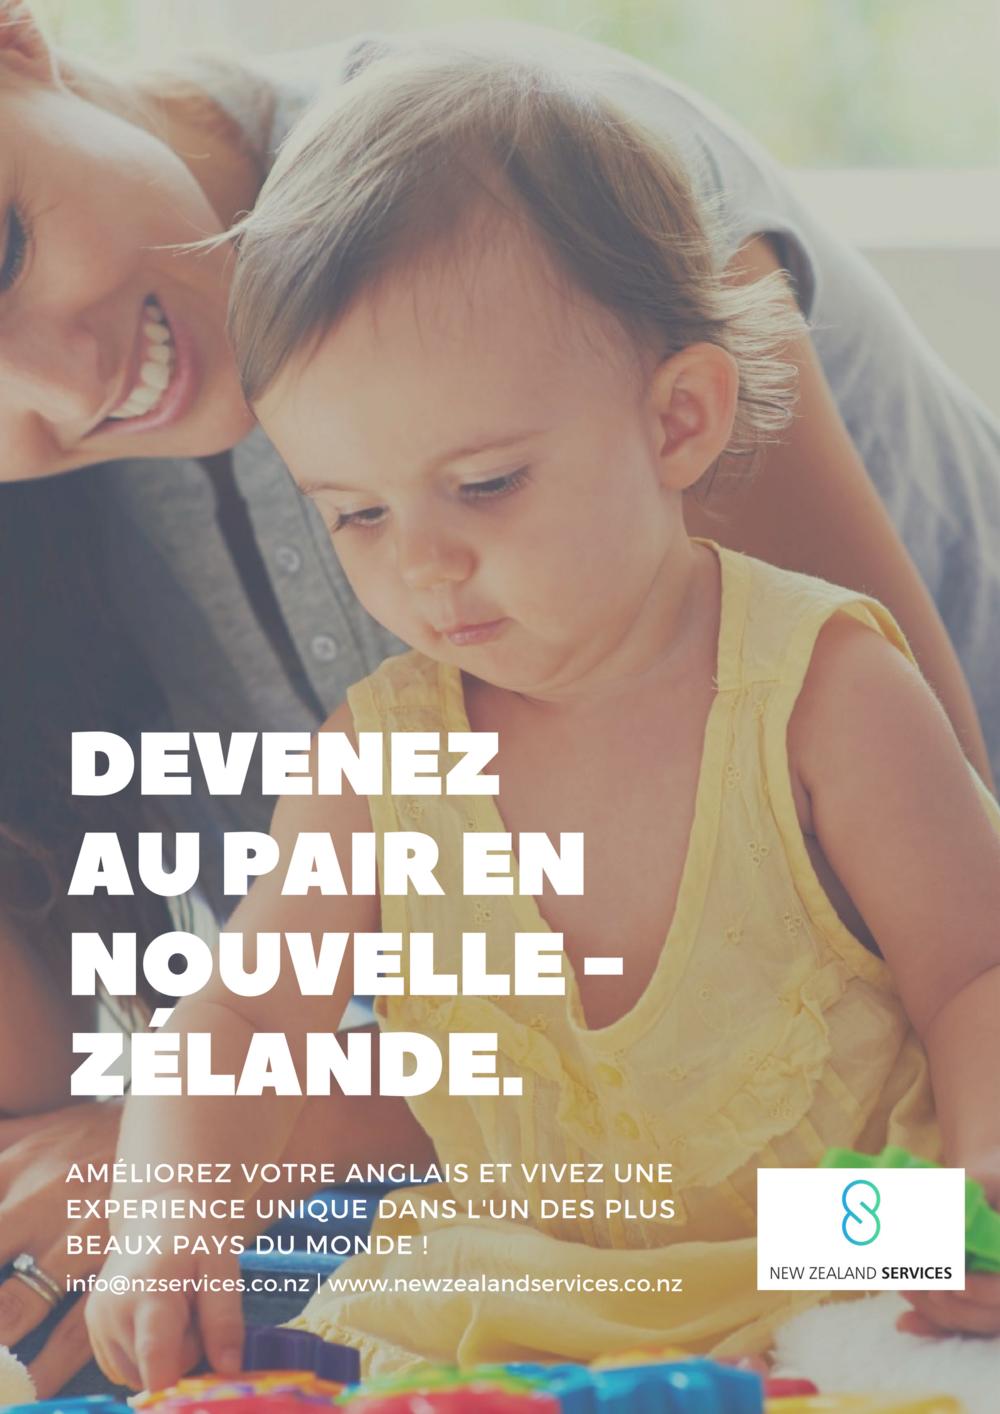 Jeune-Fille-Au-Pair-NZ